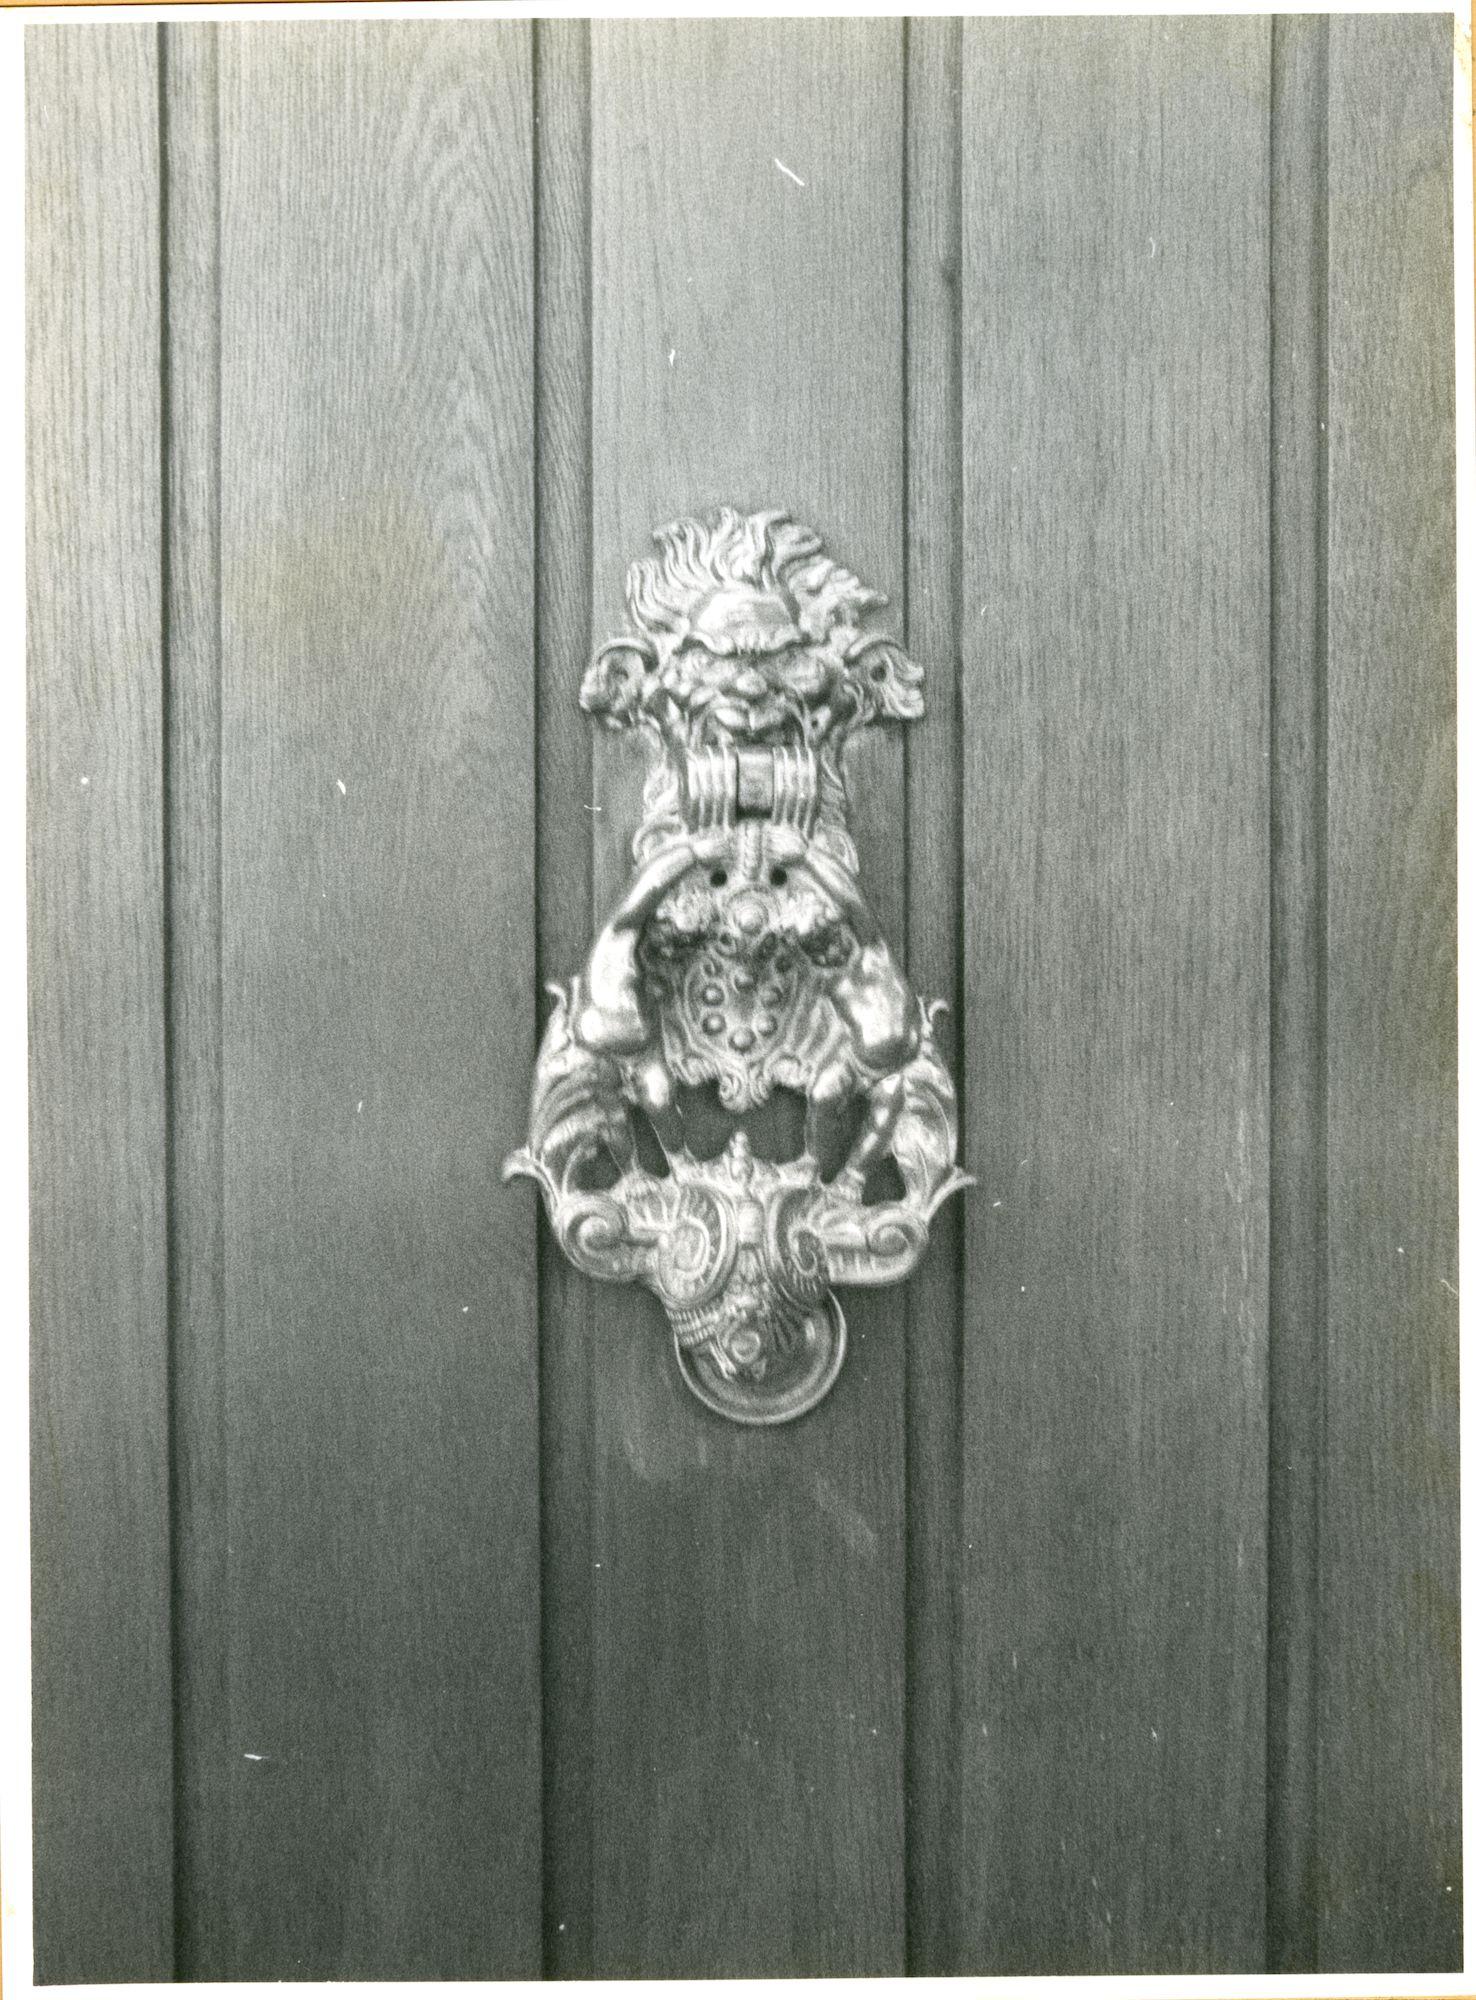 Oostakker: Ledergemstraat 7: Deurklopper, 1979